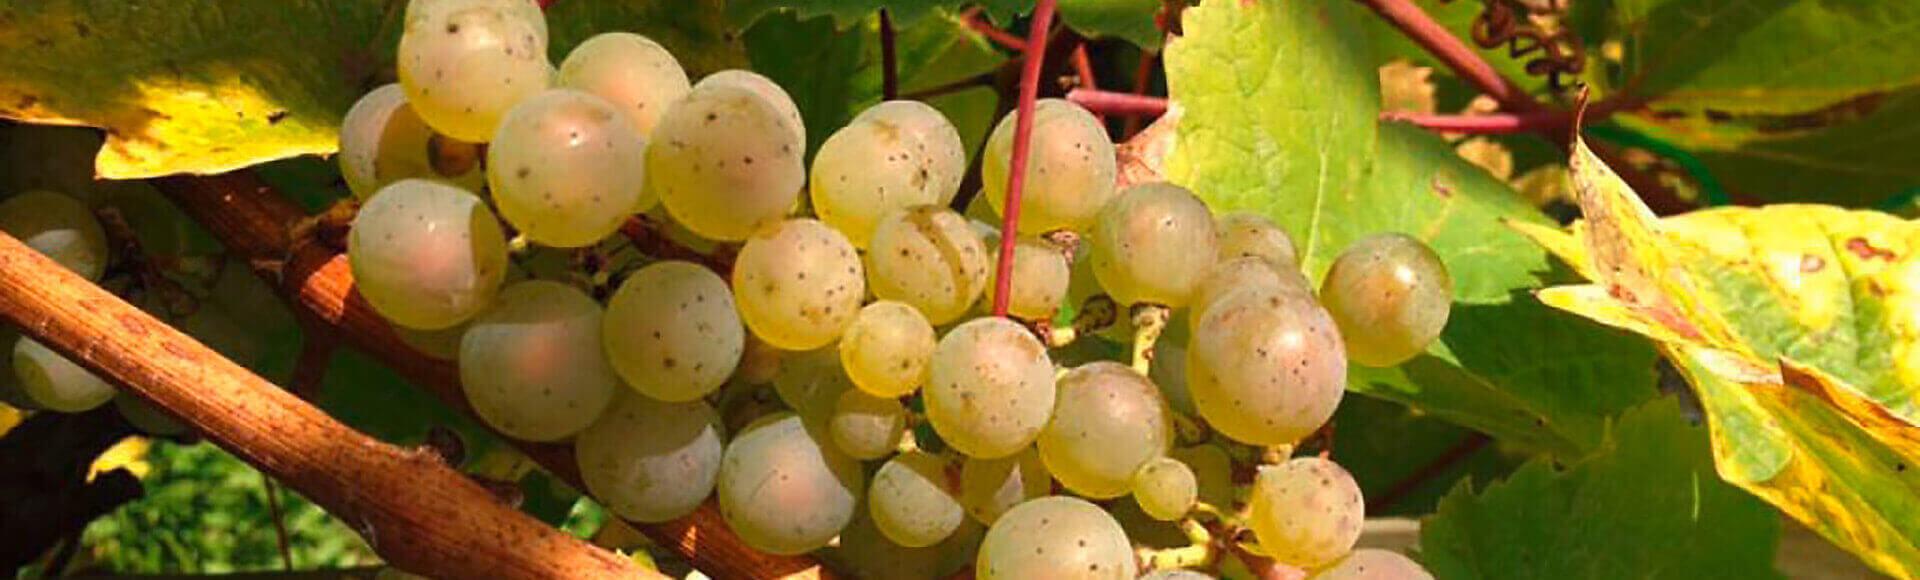 Rhöndorfer Weintrauben vom Lehrweinberg, Foto: Bürgerverein